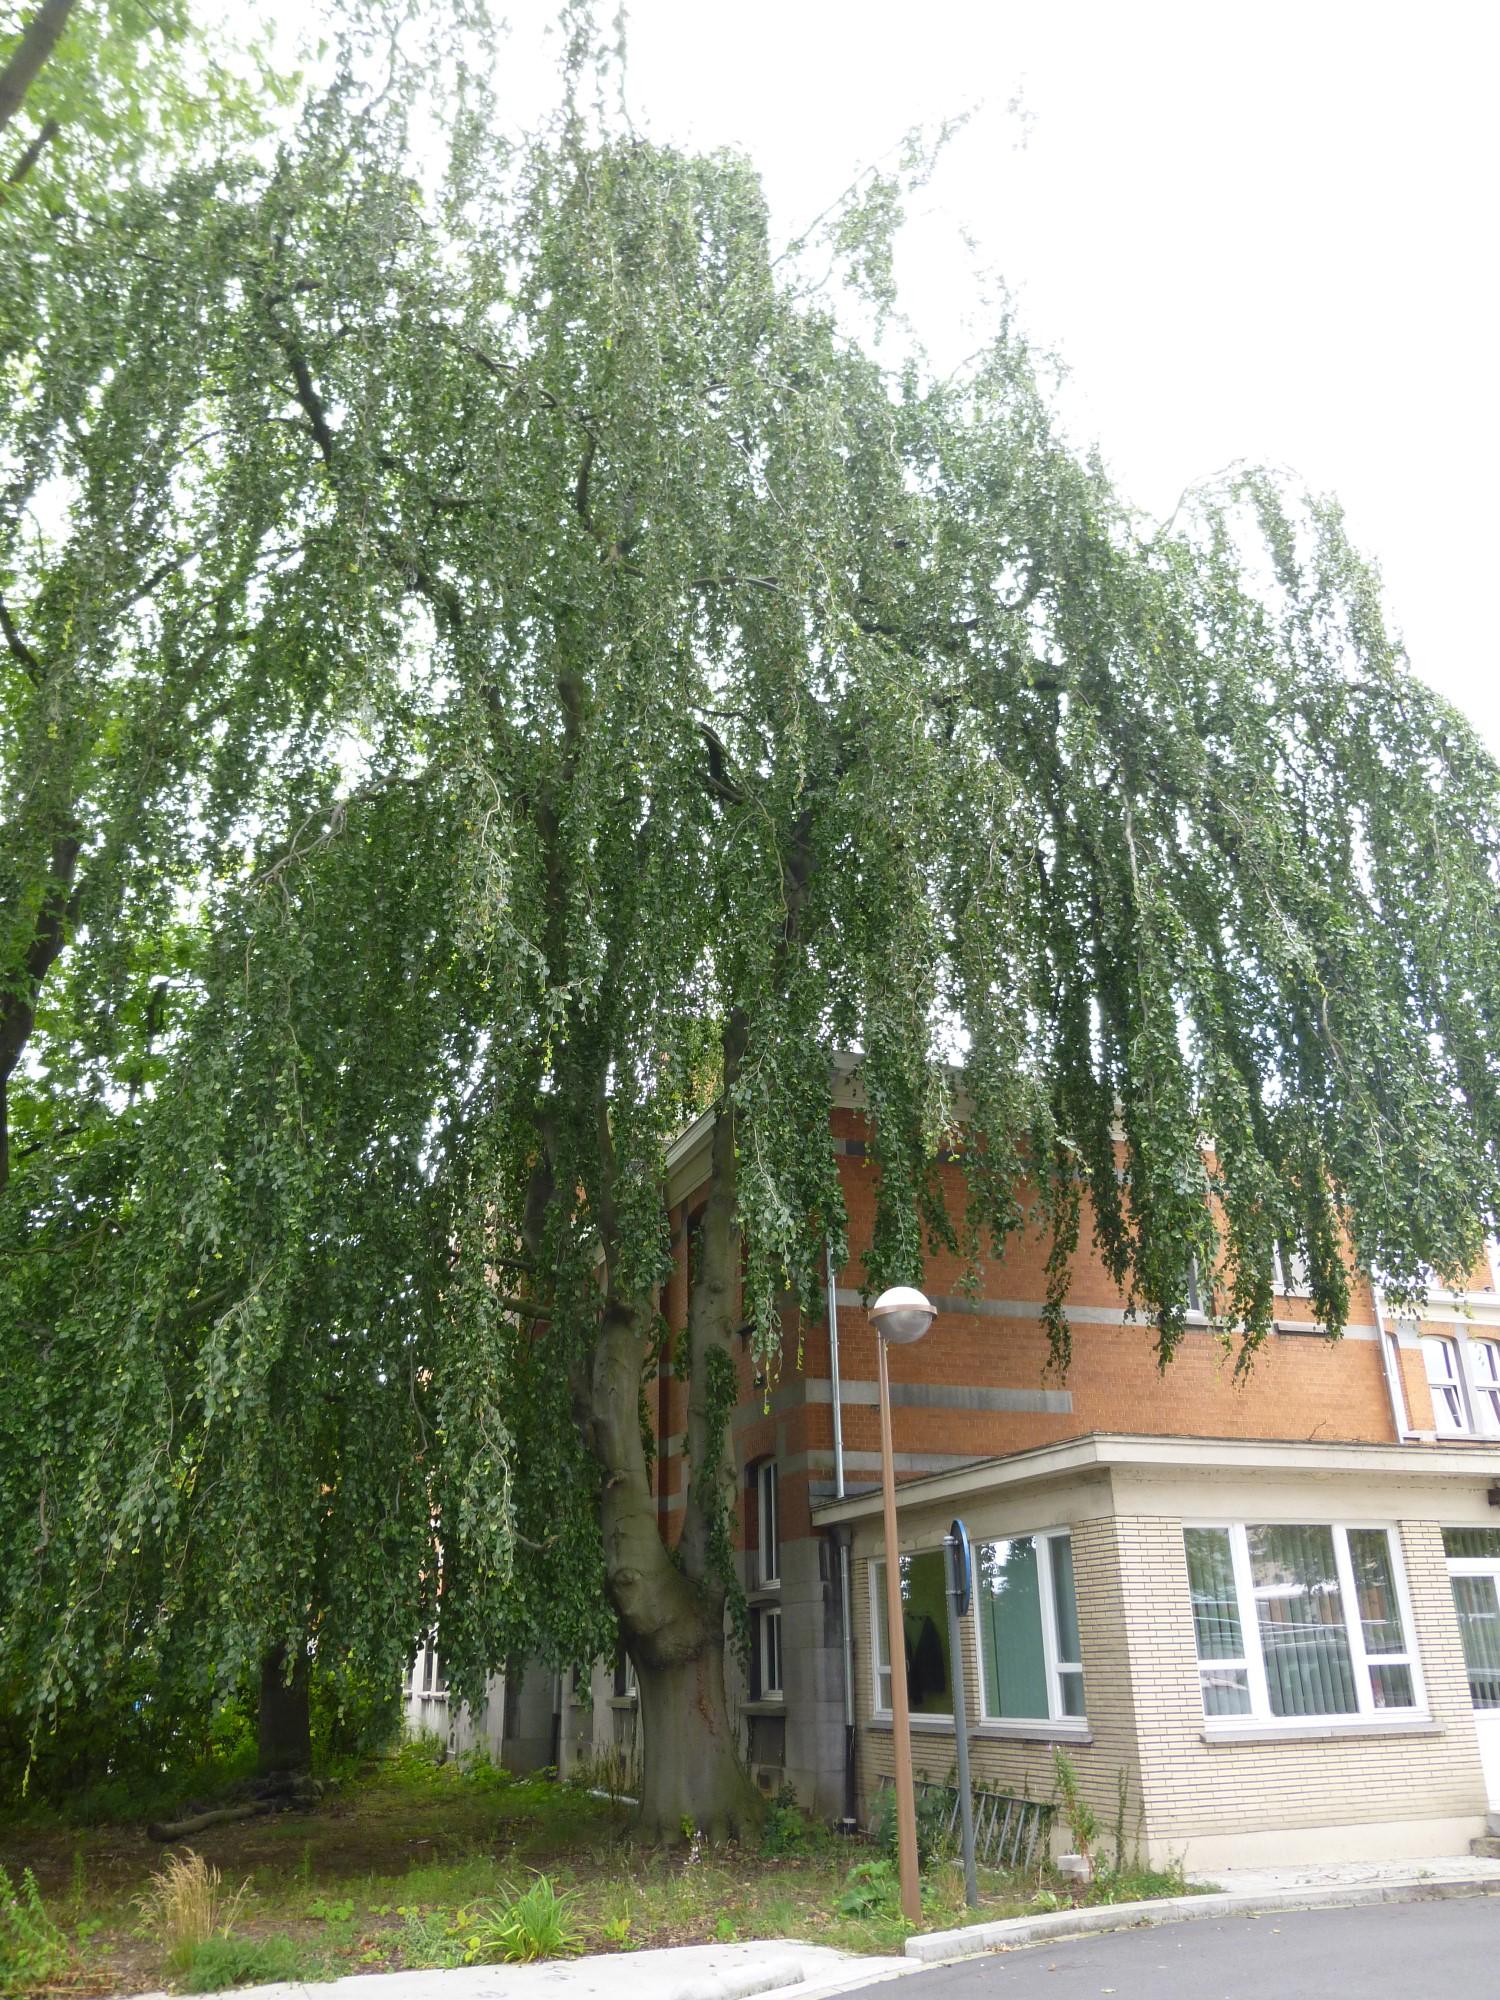 Hêtre pleureur – Bruxelles, Site de l'Hôpital Brugmann , Avenue Ernest Masoin, 4 –  14 Juillet 2014